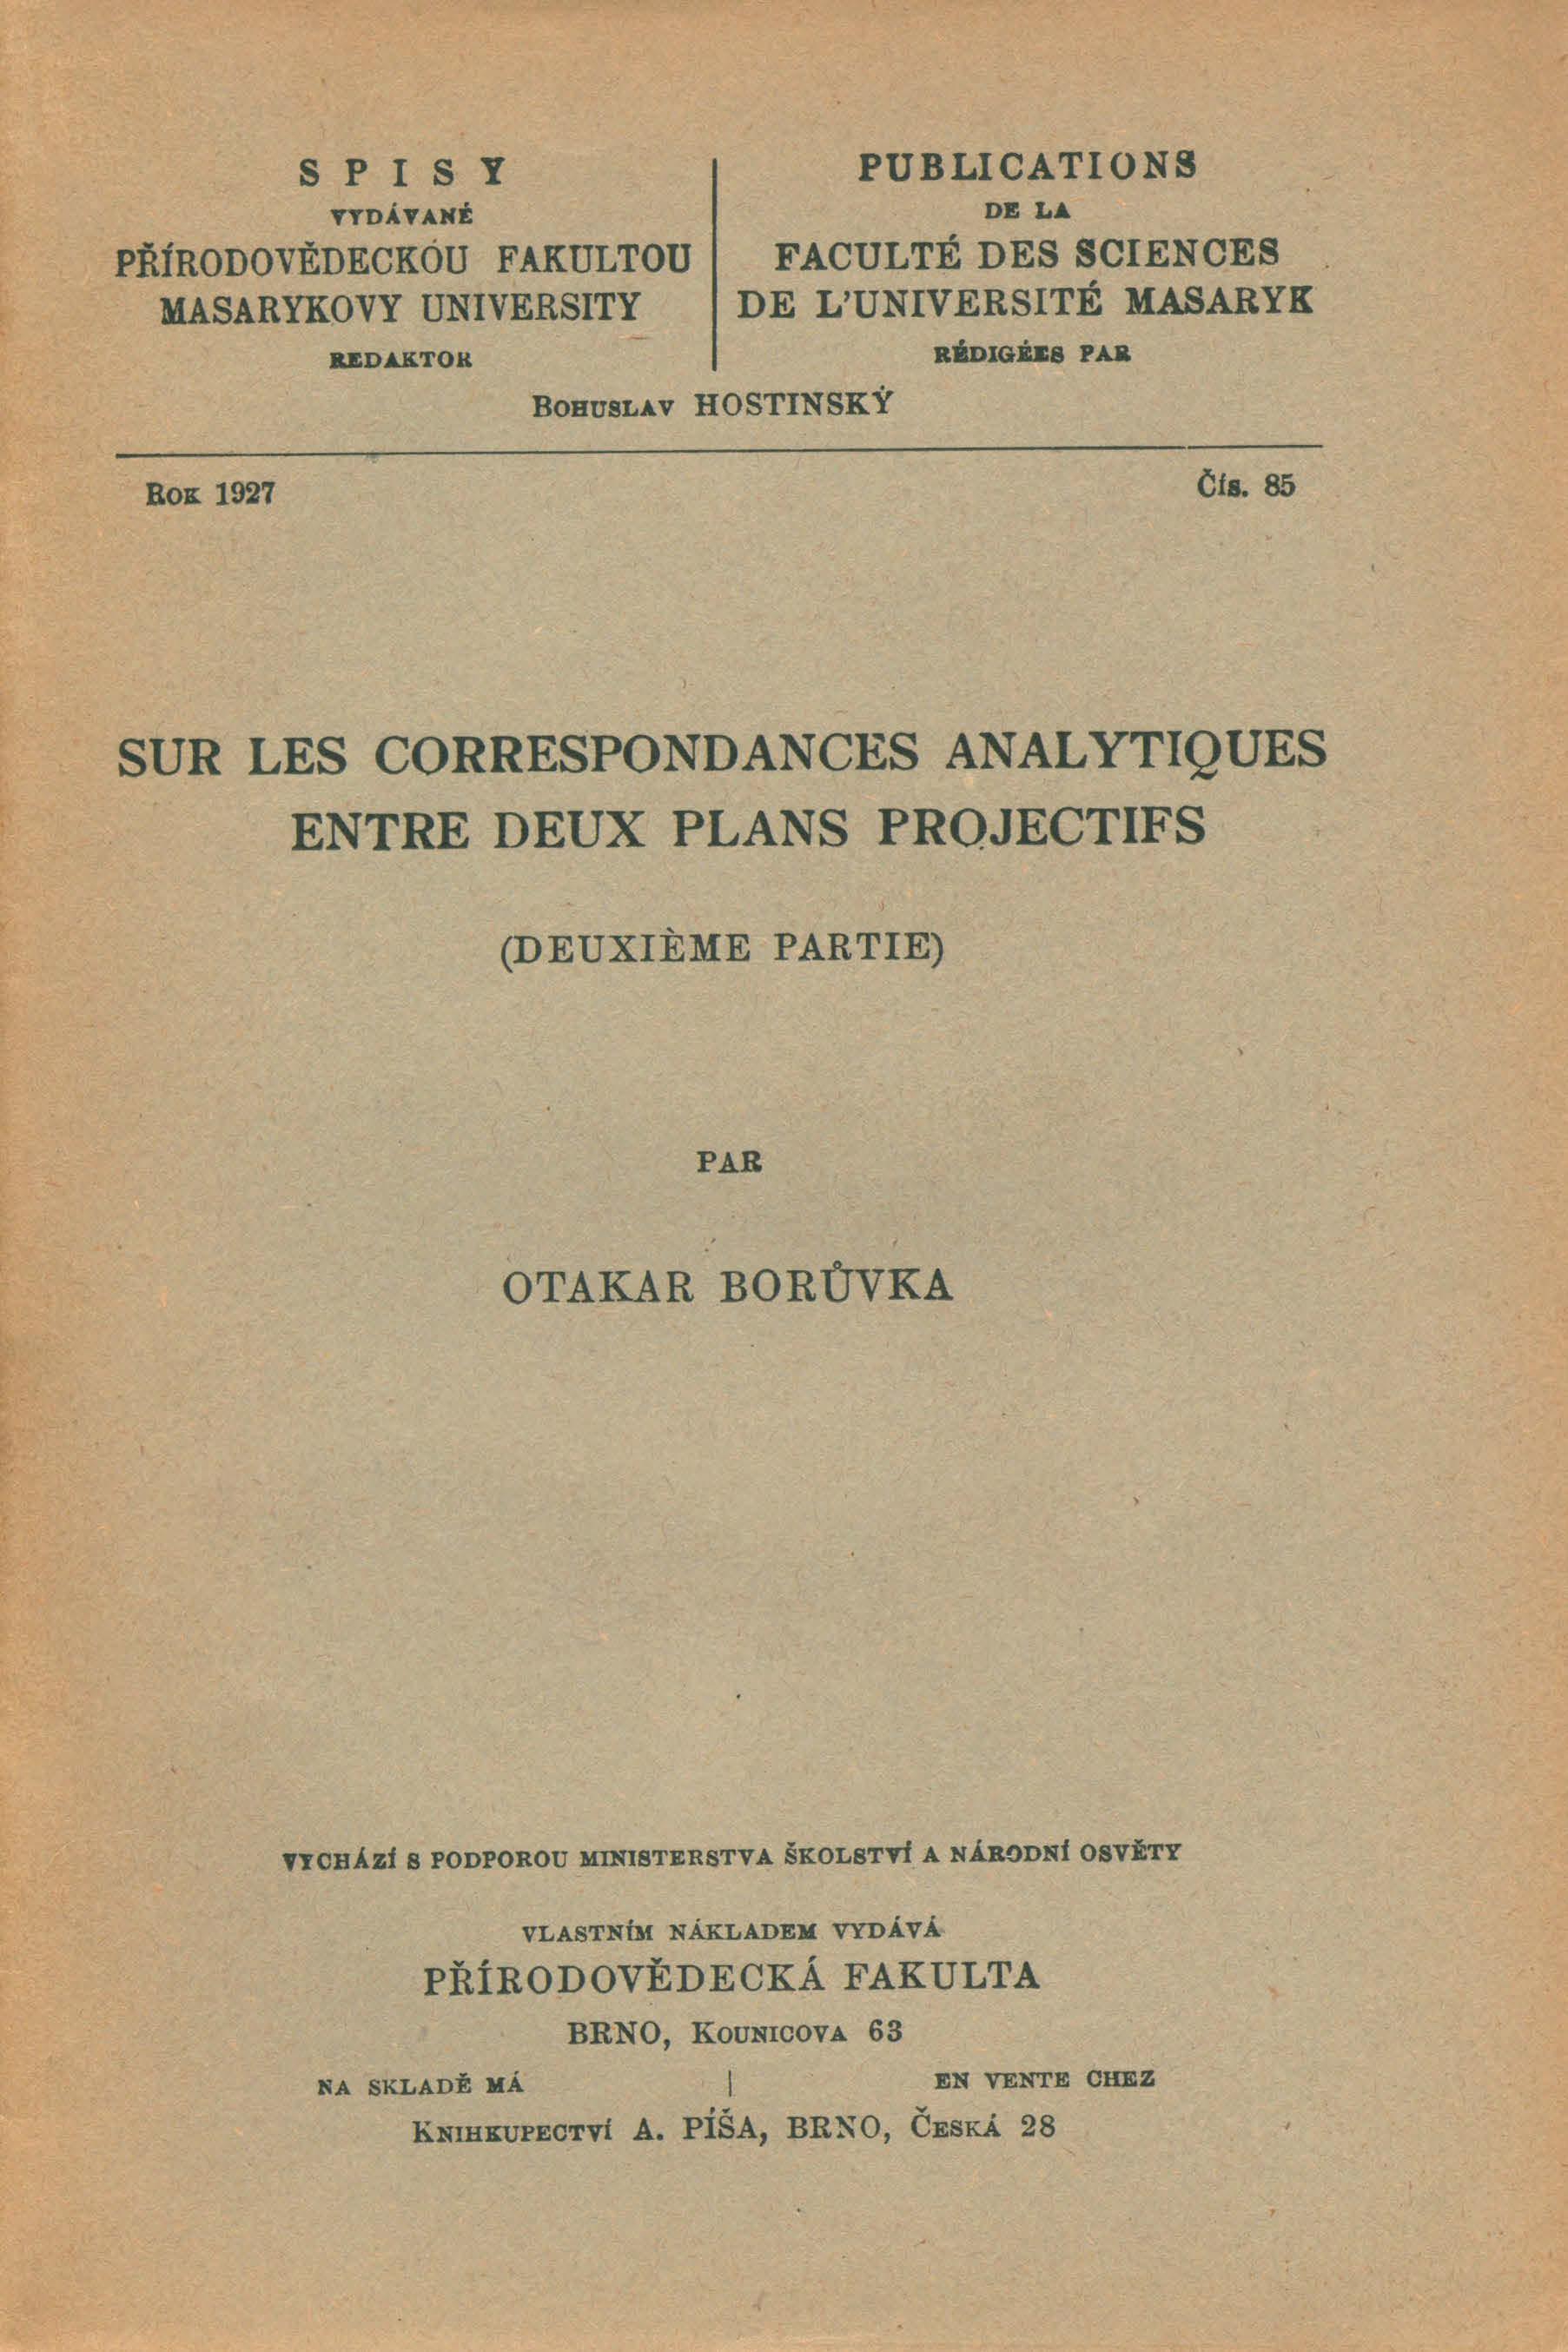 Obálka pro Sur les correspondances analytiques entre deux plans projectifs. Deuxiéme partie